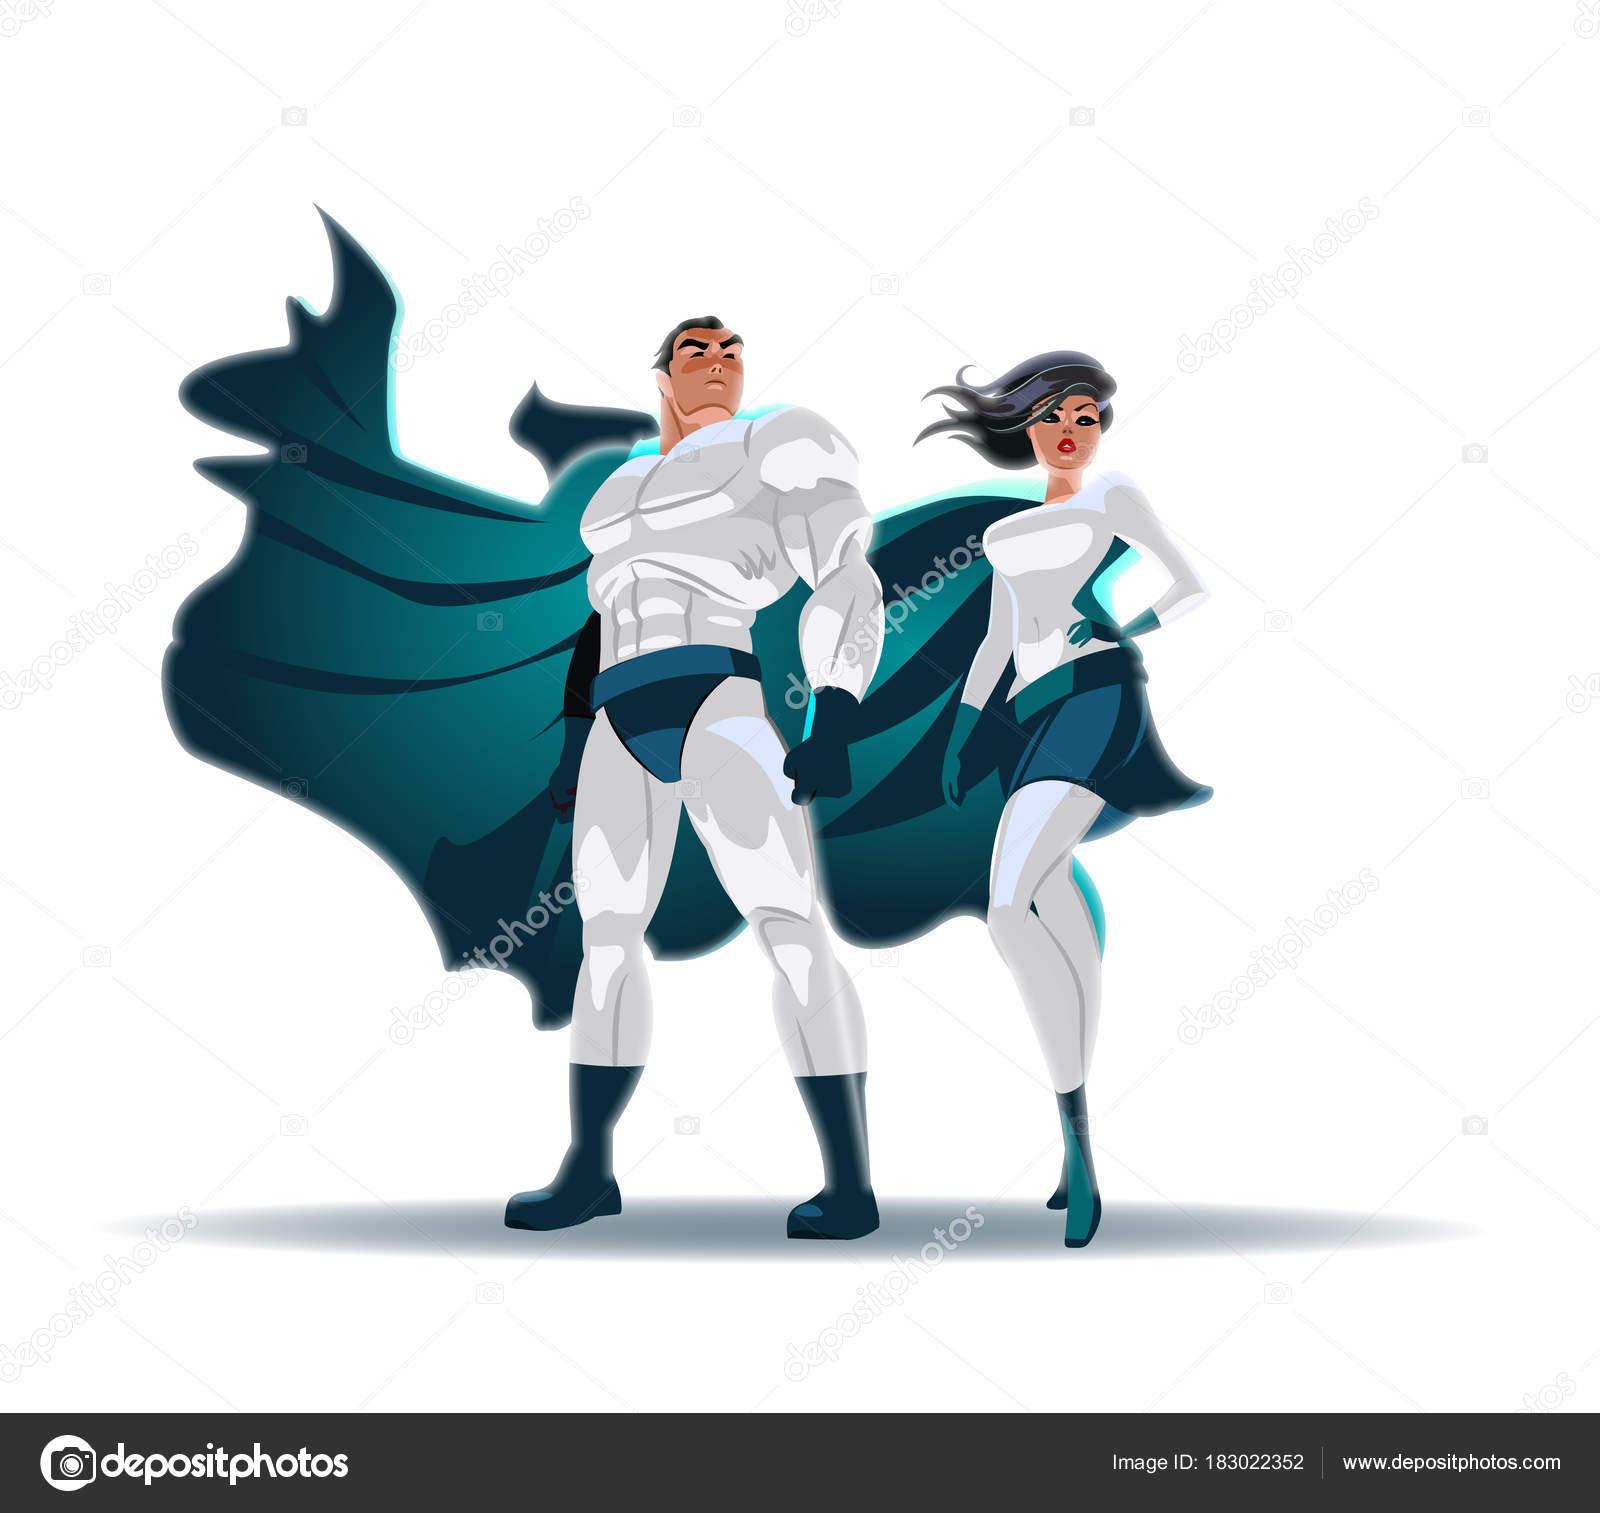 スーパー ヒーローのカップル: 男性と女性ヒーロー、光の前でポーズし